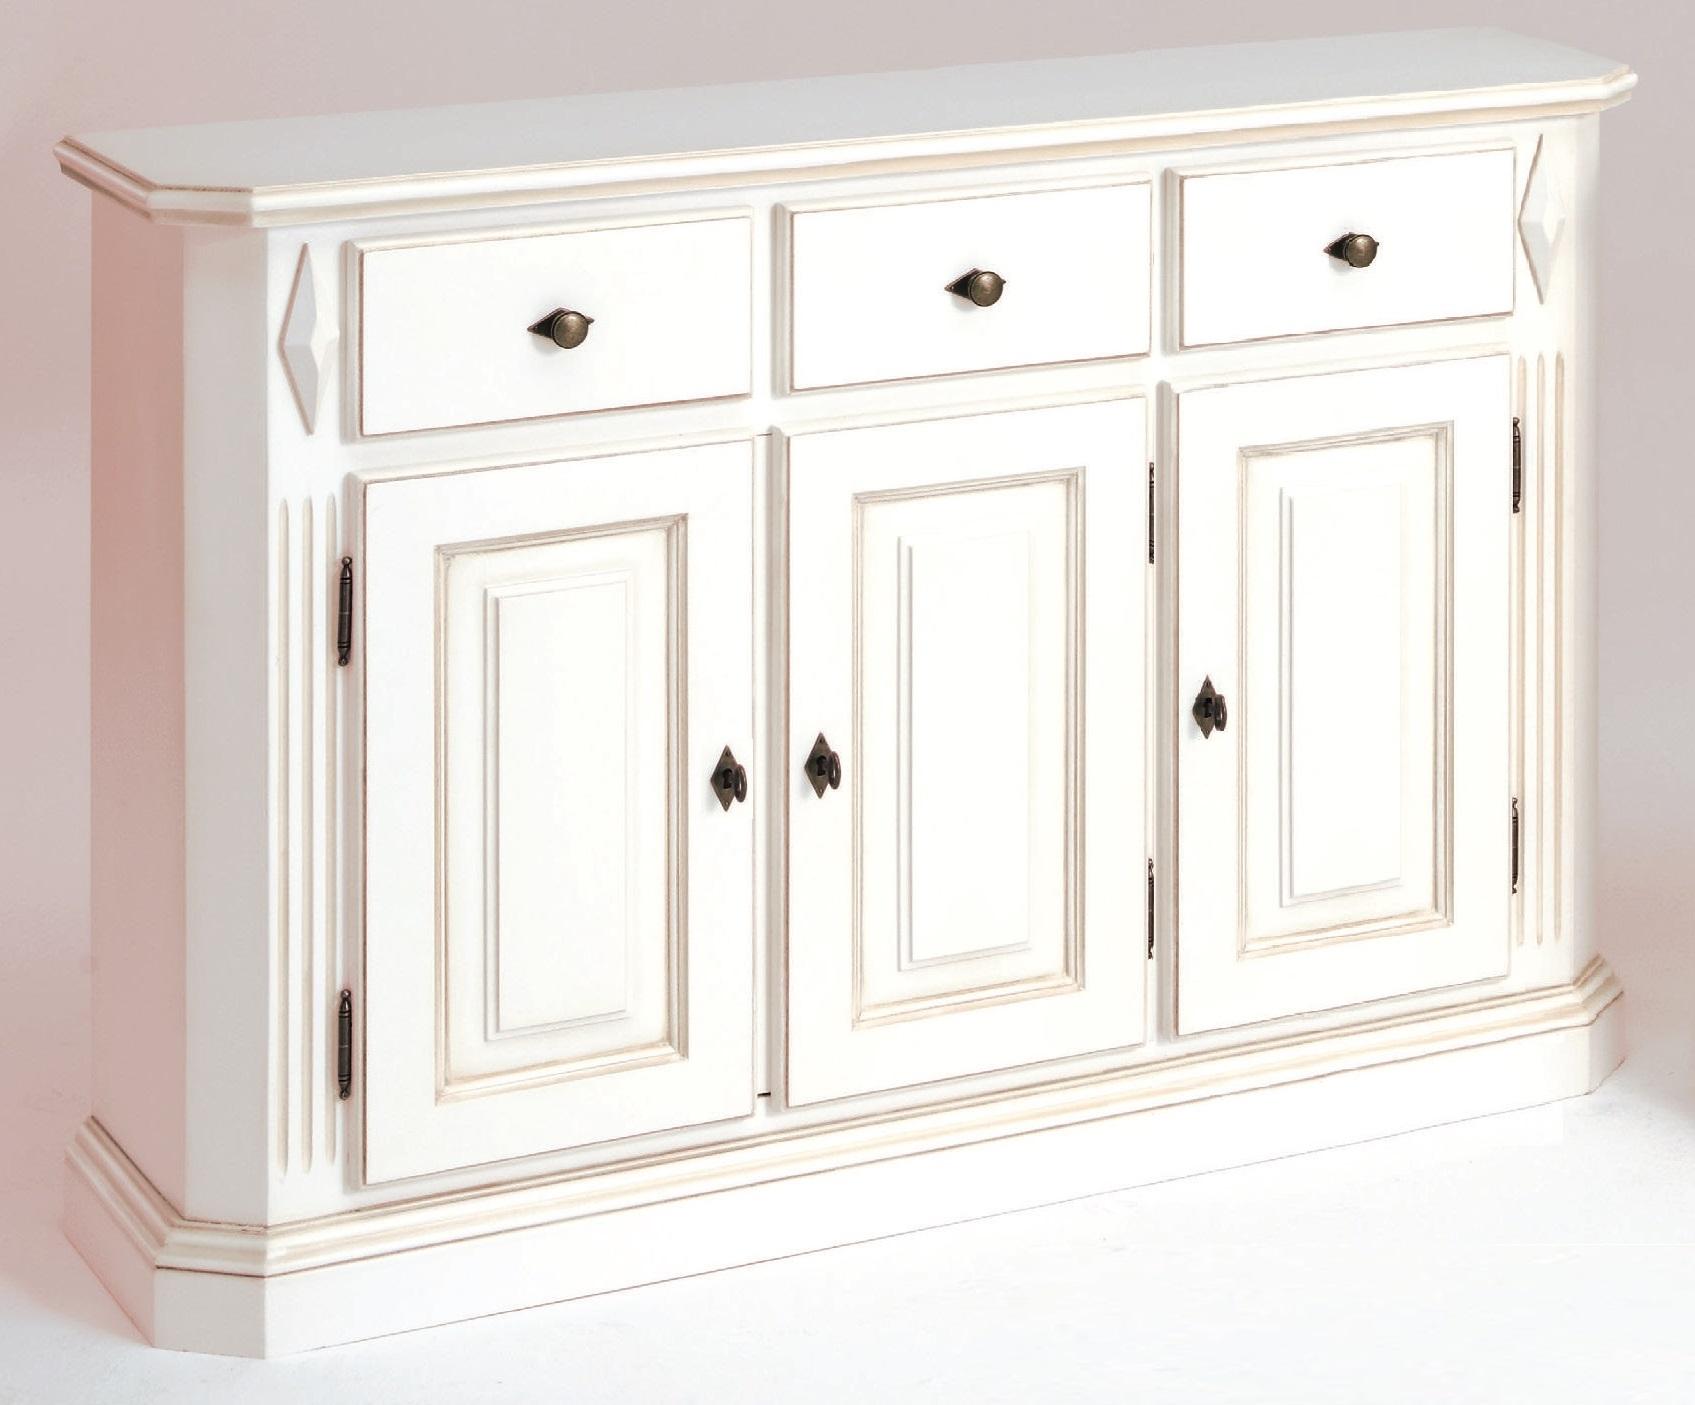 aktiv kommode konsole anrichte sideboard fichte massiv antik wei mod 502 landhaus. Black Bedroom Furniture Sets. Home Design Ideas